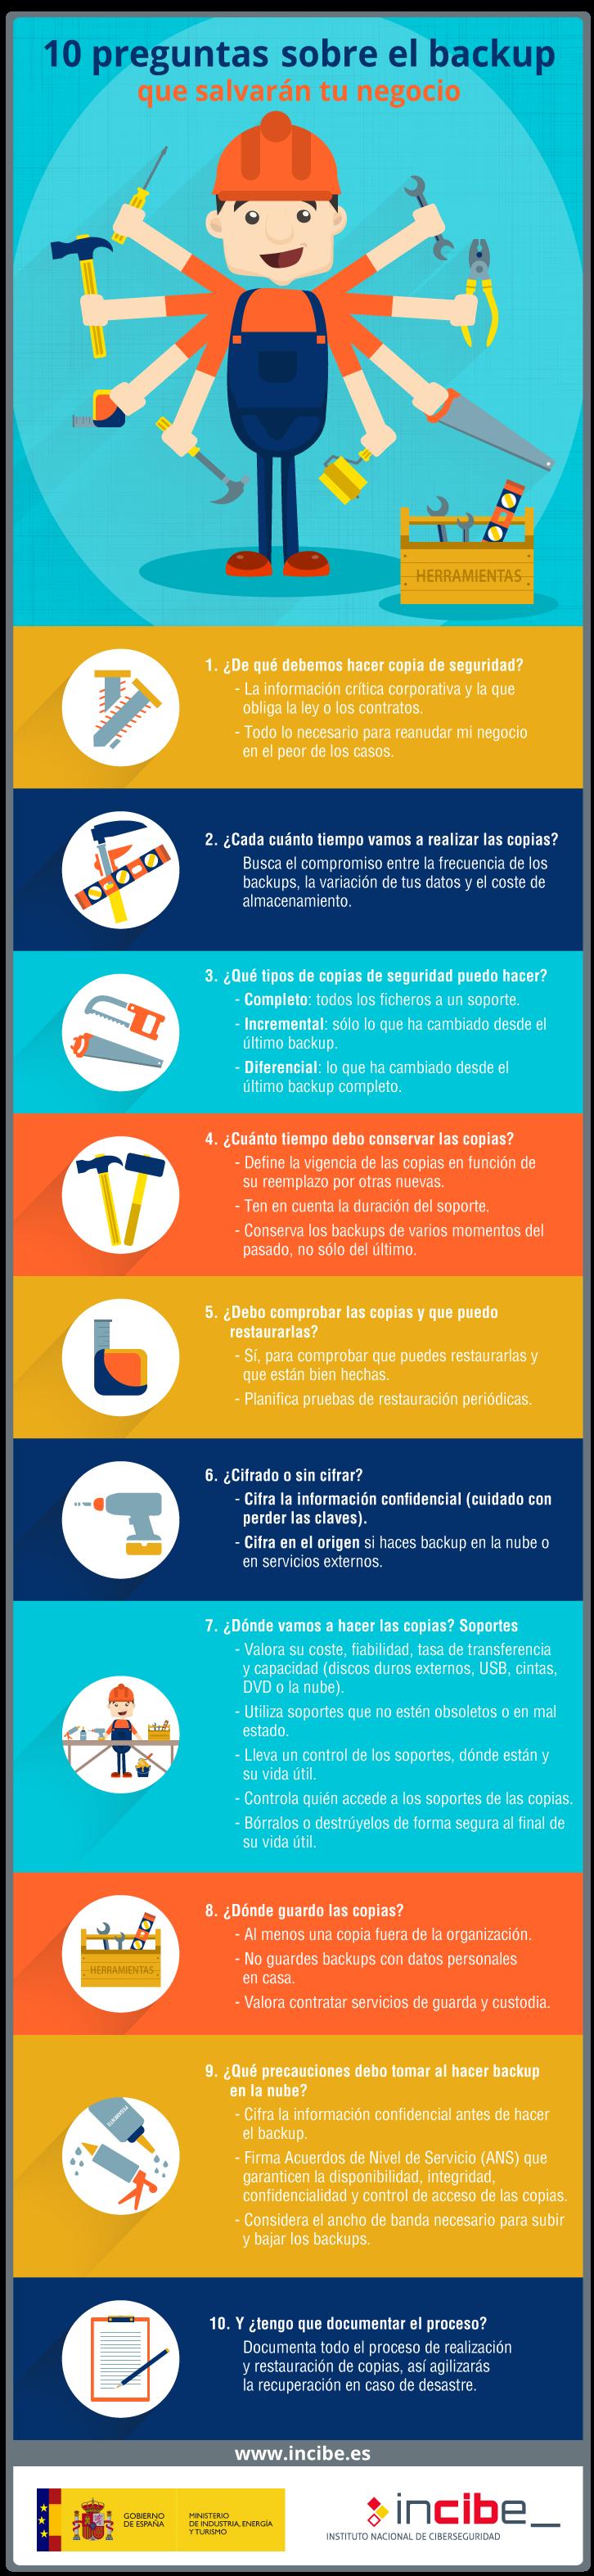 10 preguntas antes de hacer Copia de Seguridad #infografia #infographic